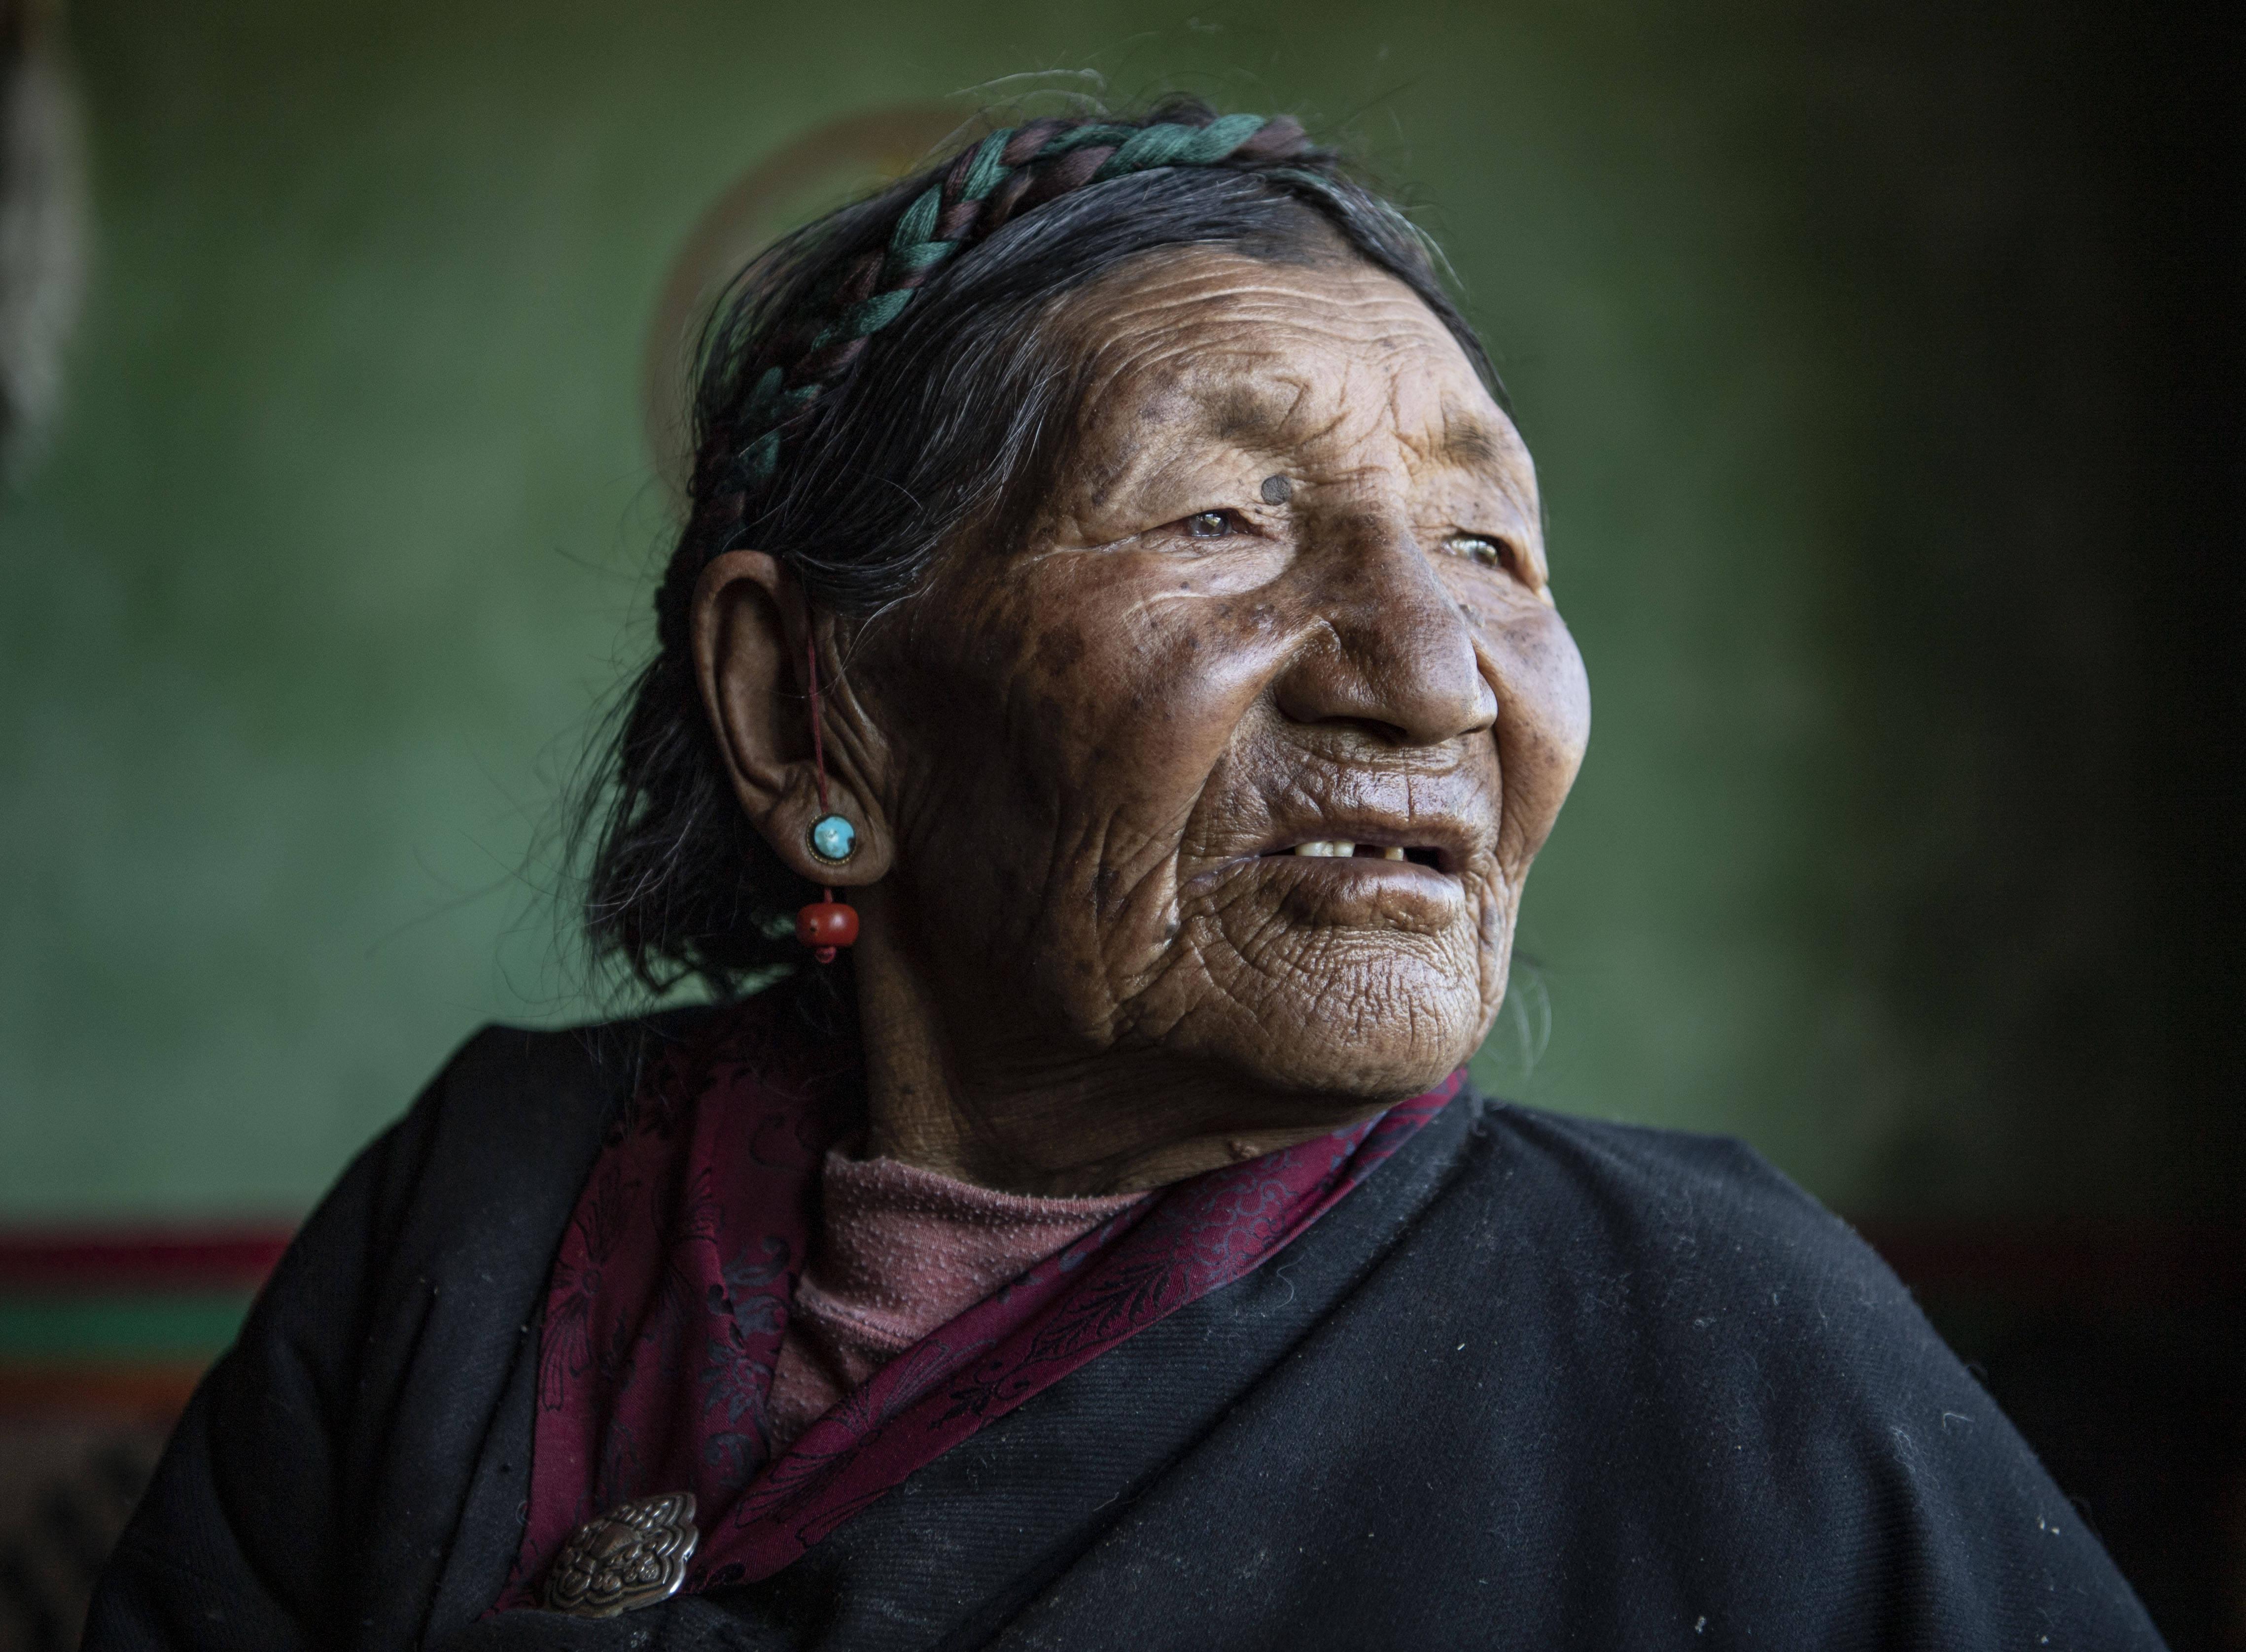 痛苦和新生儿——西藏自治区翻盘农奴影象档案资料:巴桑